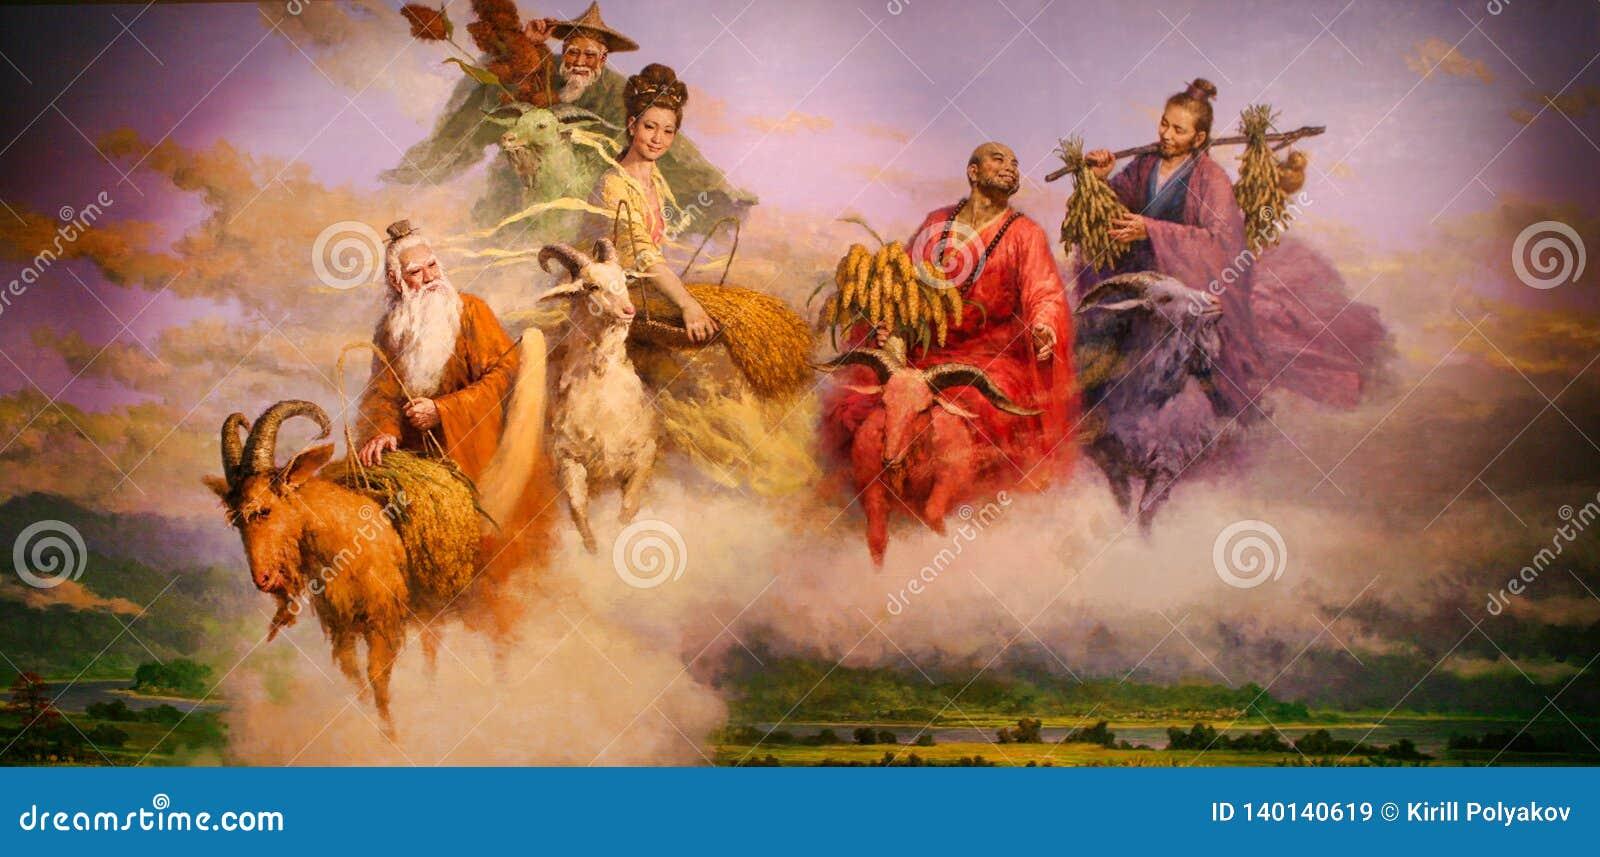 Guangzhou Chiny, Lipiec, - 10, 2018: Obraz pięć bogów które przychodzili puszek ziemia pomagać ludzi Guangzhou i karmić one - -